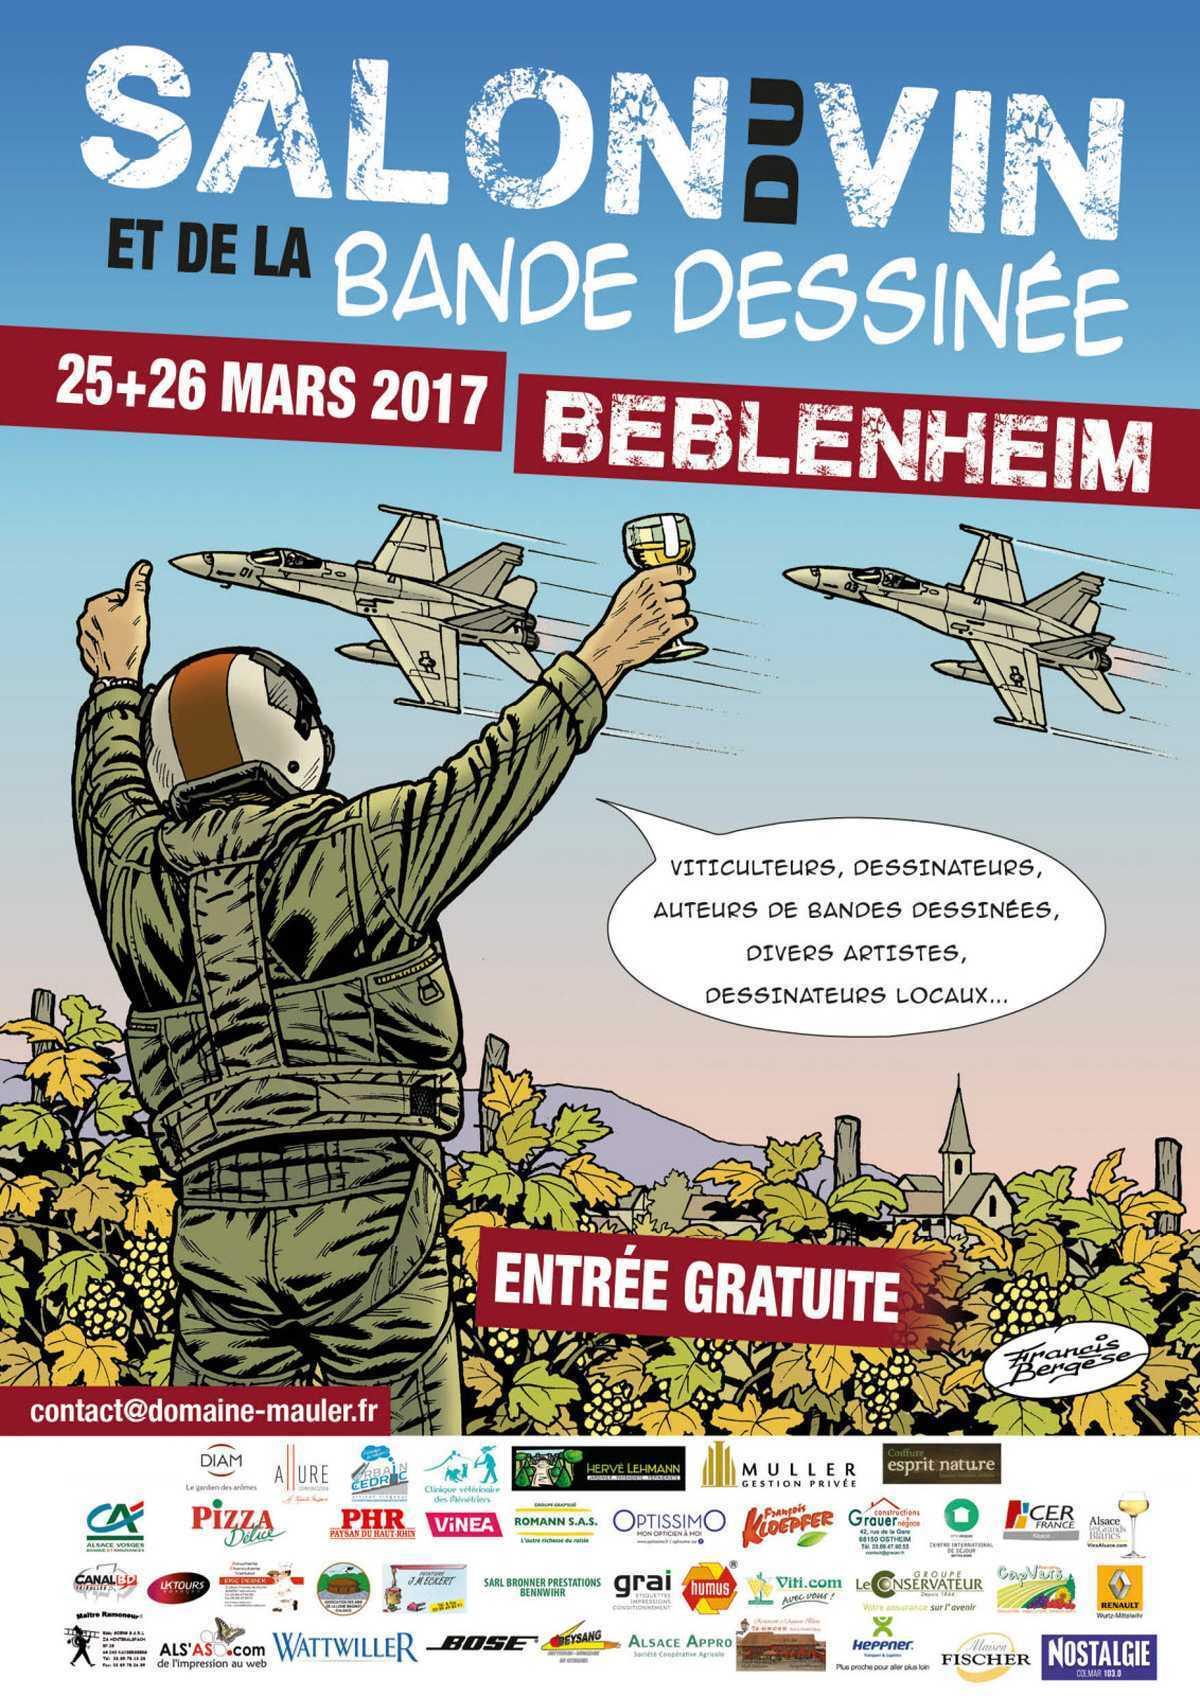 Salon du vin et de la bande dessin e 2017 de beblenheim for Salon du vin toulouse 2017